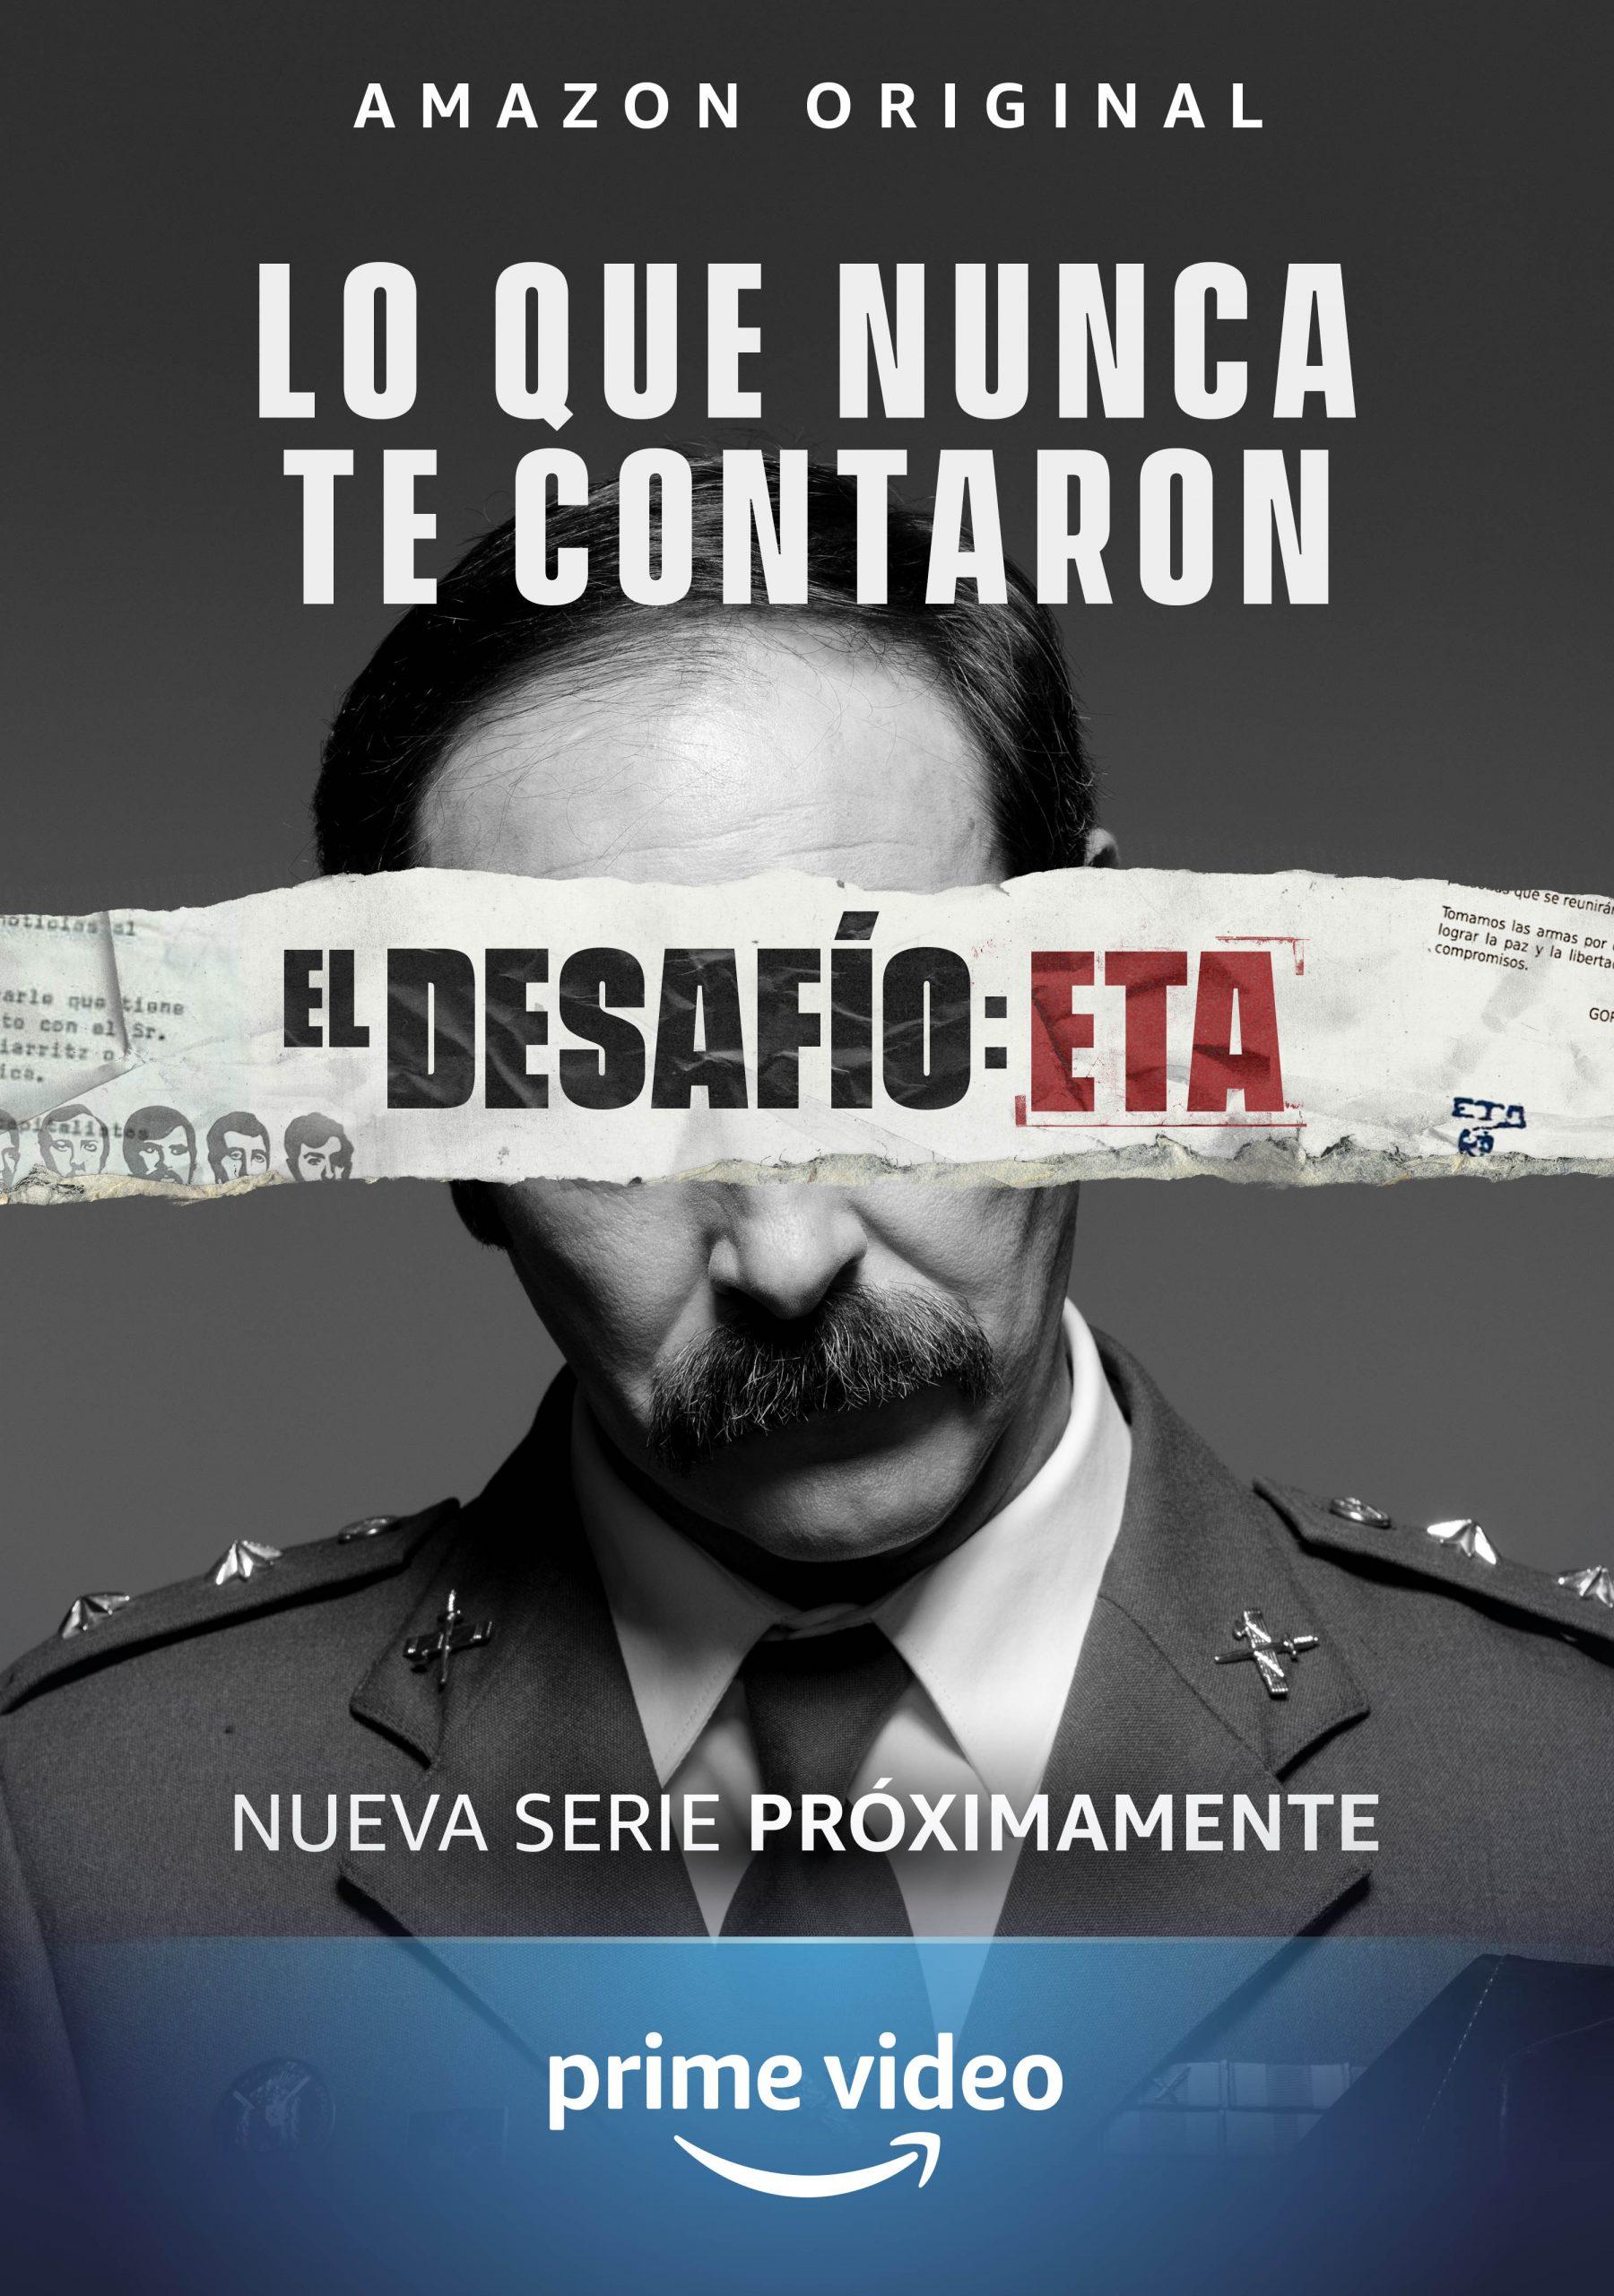 EL DESAFÍO_ ETA_2